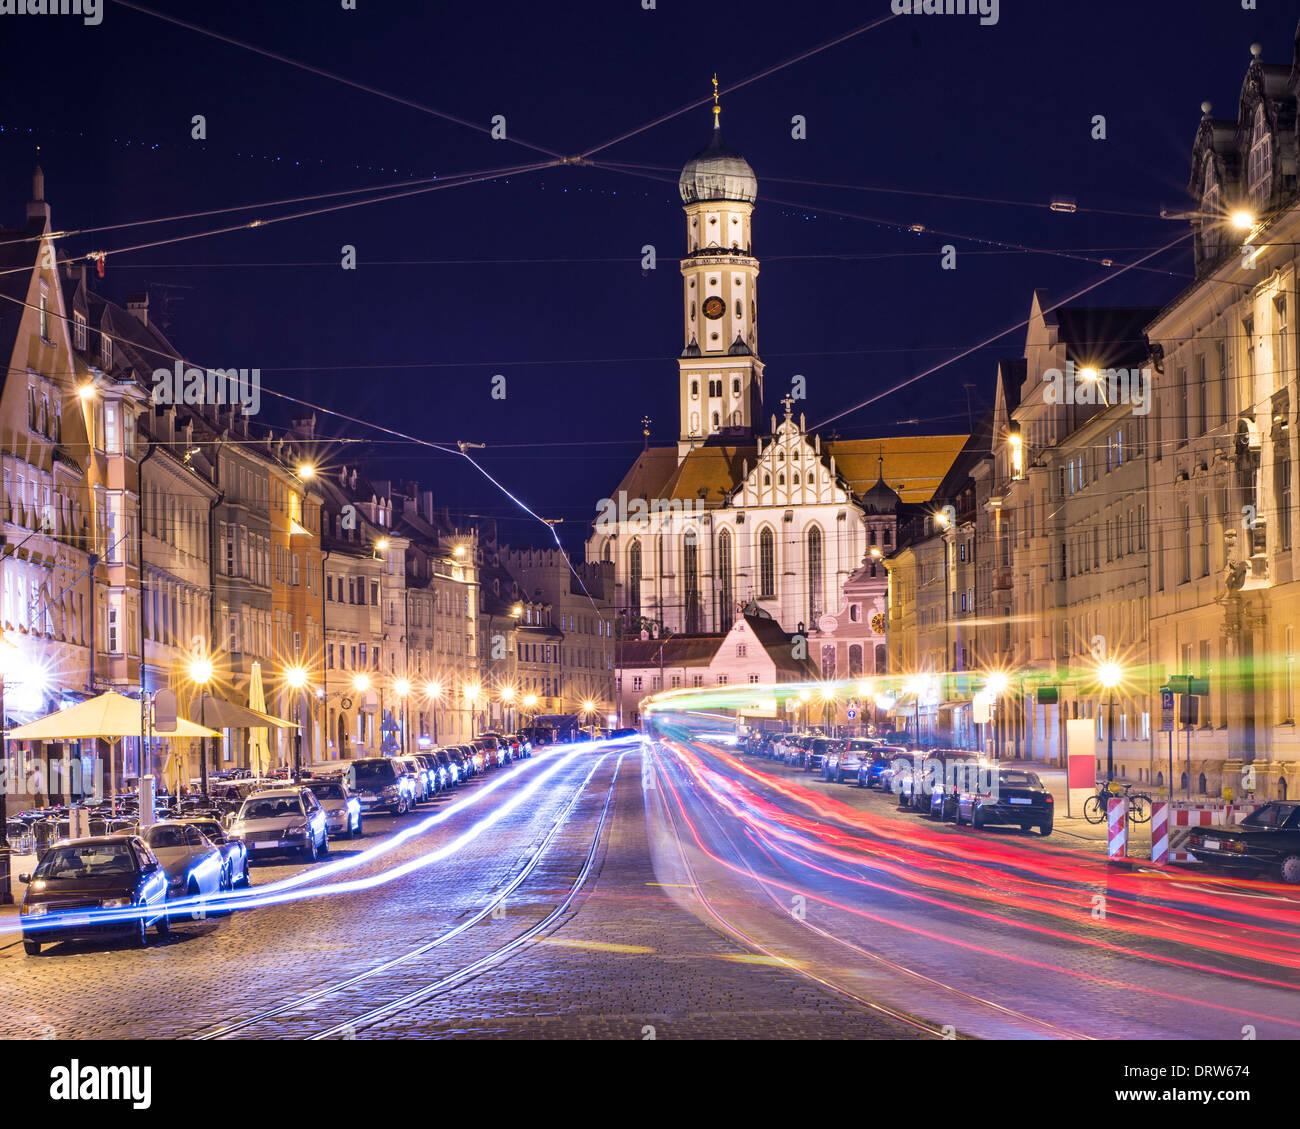 Augsburg, Germany cityscape. - Stock Image